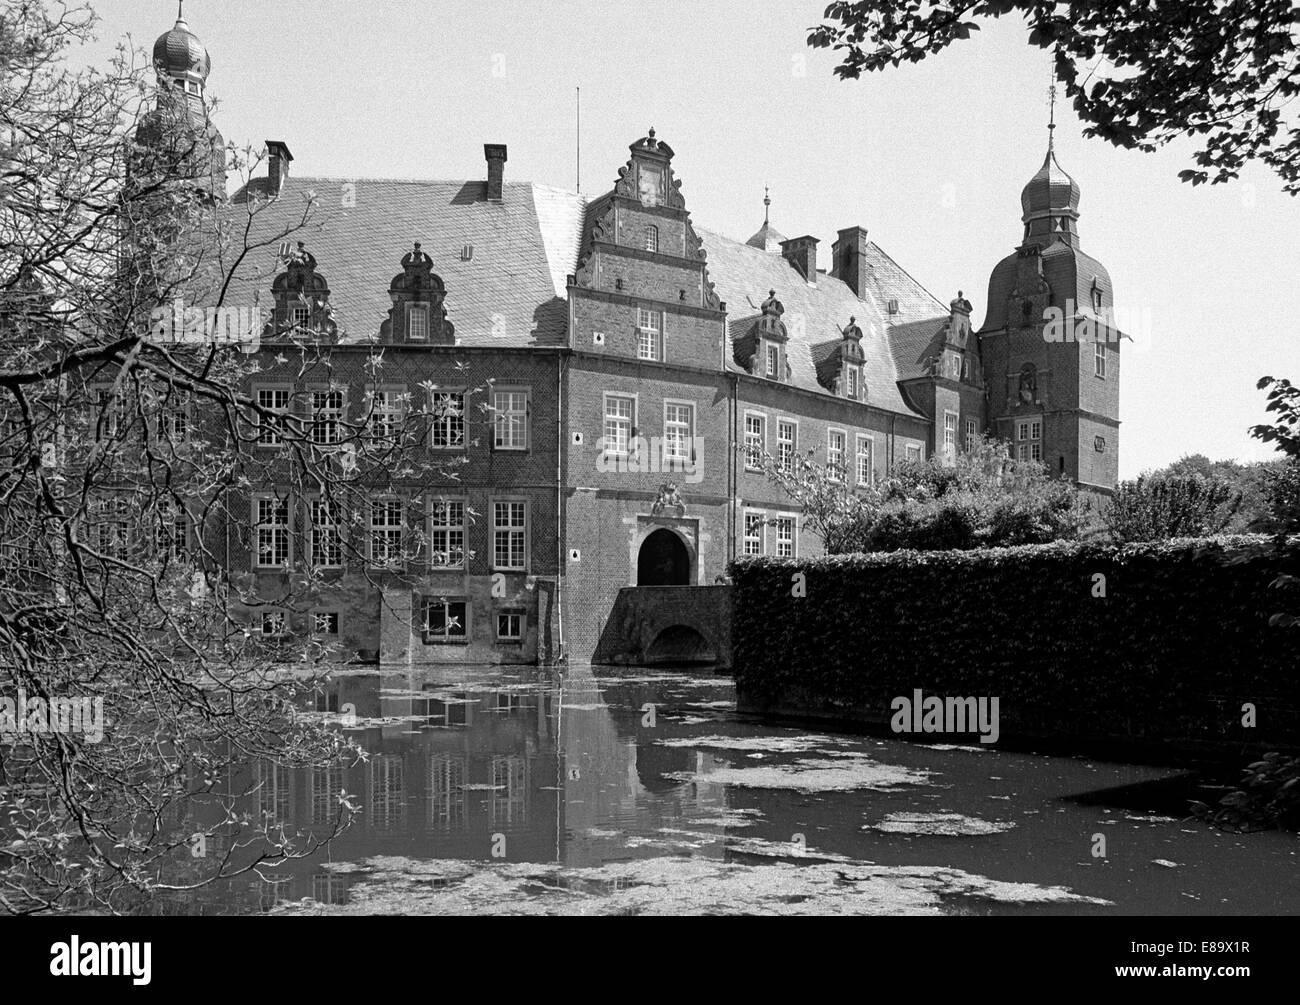 Achtziger Jahre, Wasserschloss Darfeld in Rosendahl, Muensterland, Nordrhein-Westfalen - Stock Image